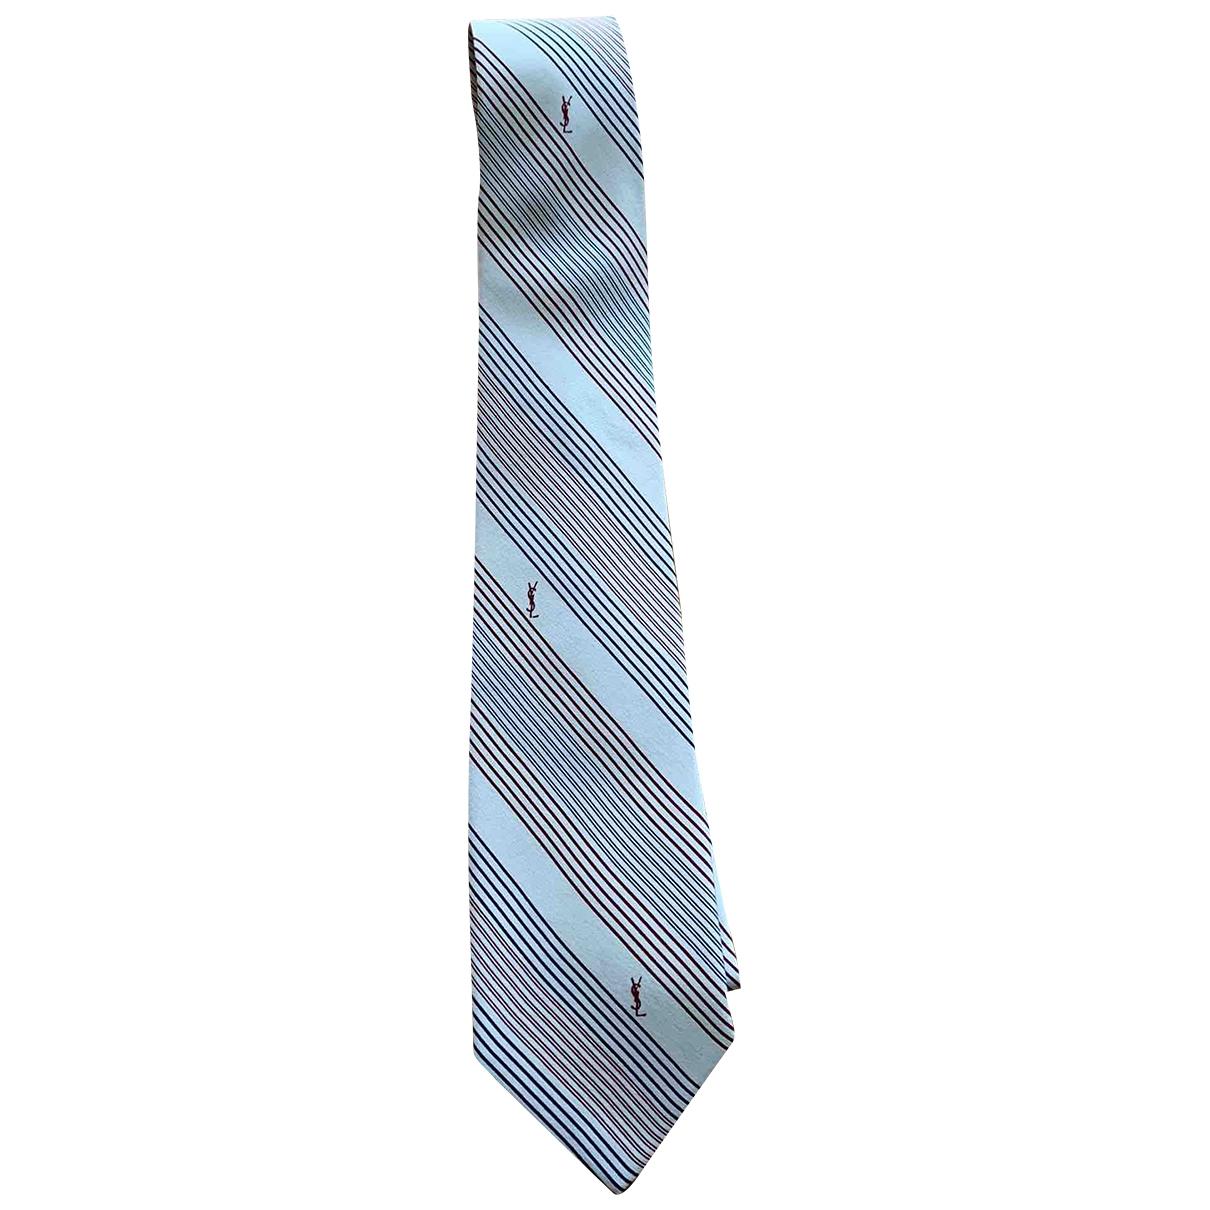 Yves Saint Laurent - Cravates   pour homme en soie - ecru